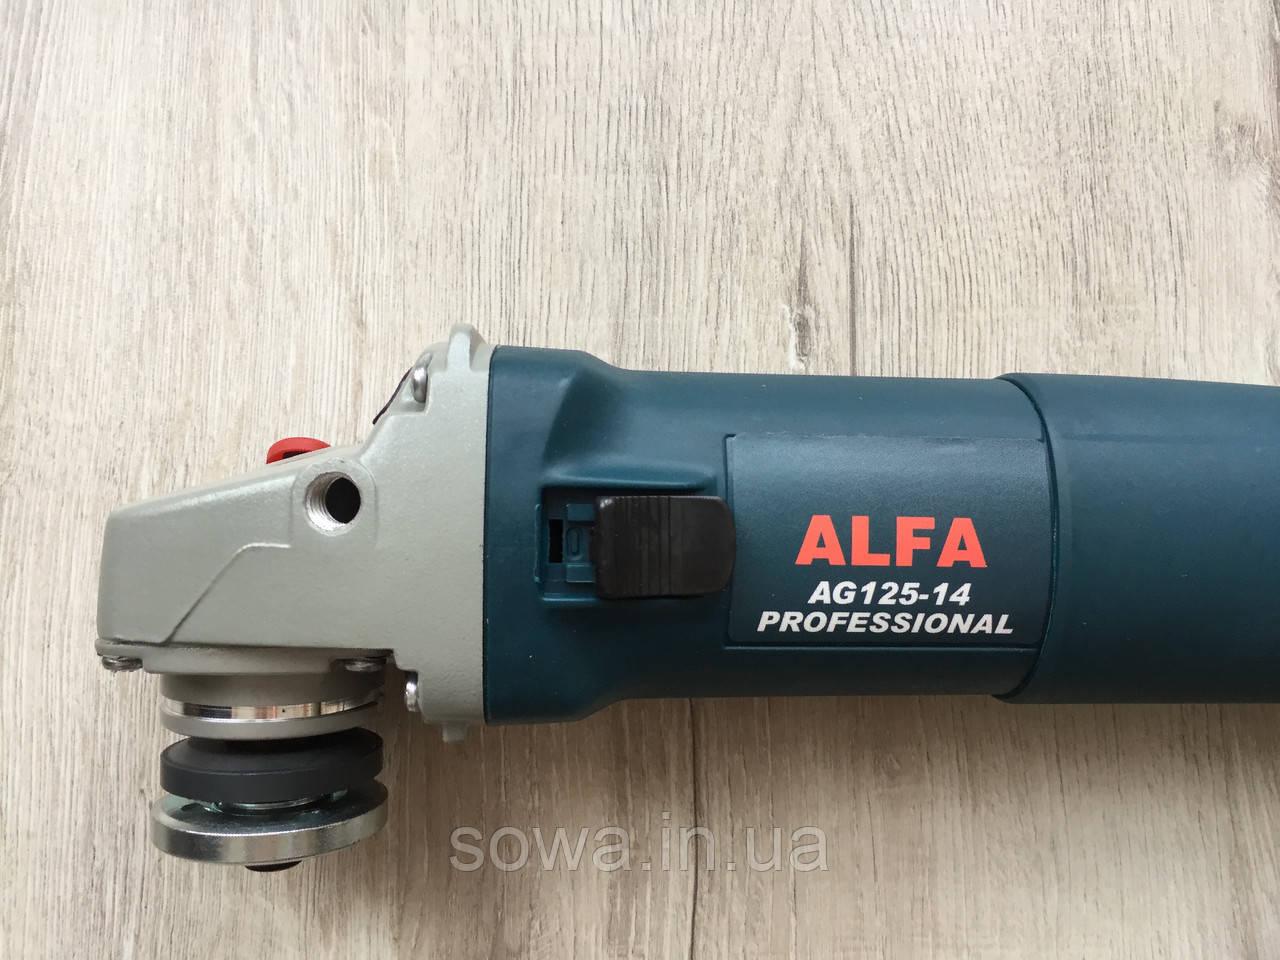 ✔️ Угловая шлифмашина, болгарка AL-FA AG125-14